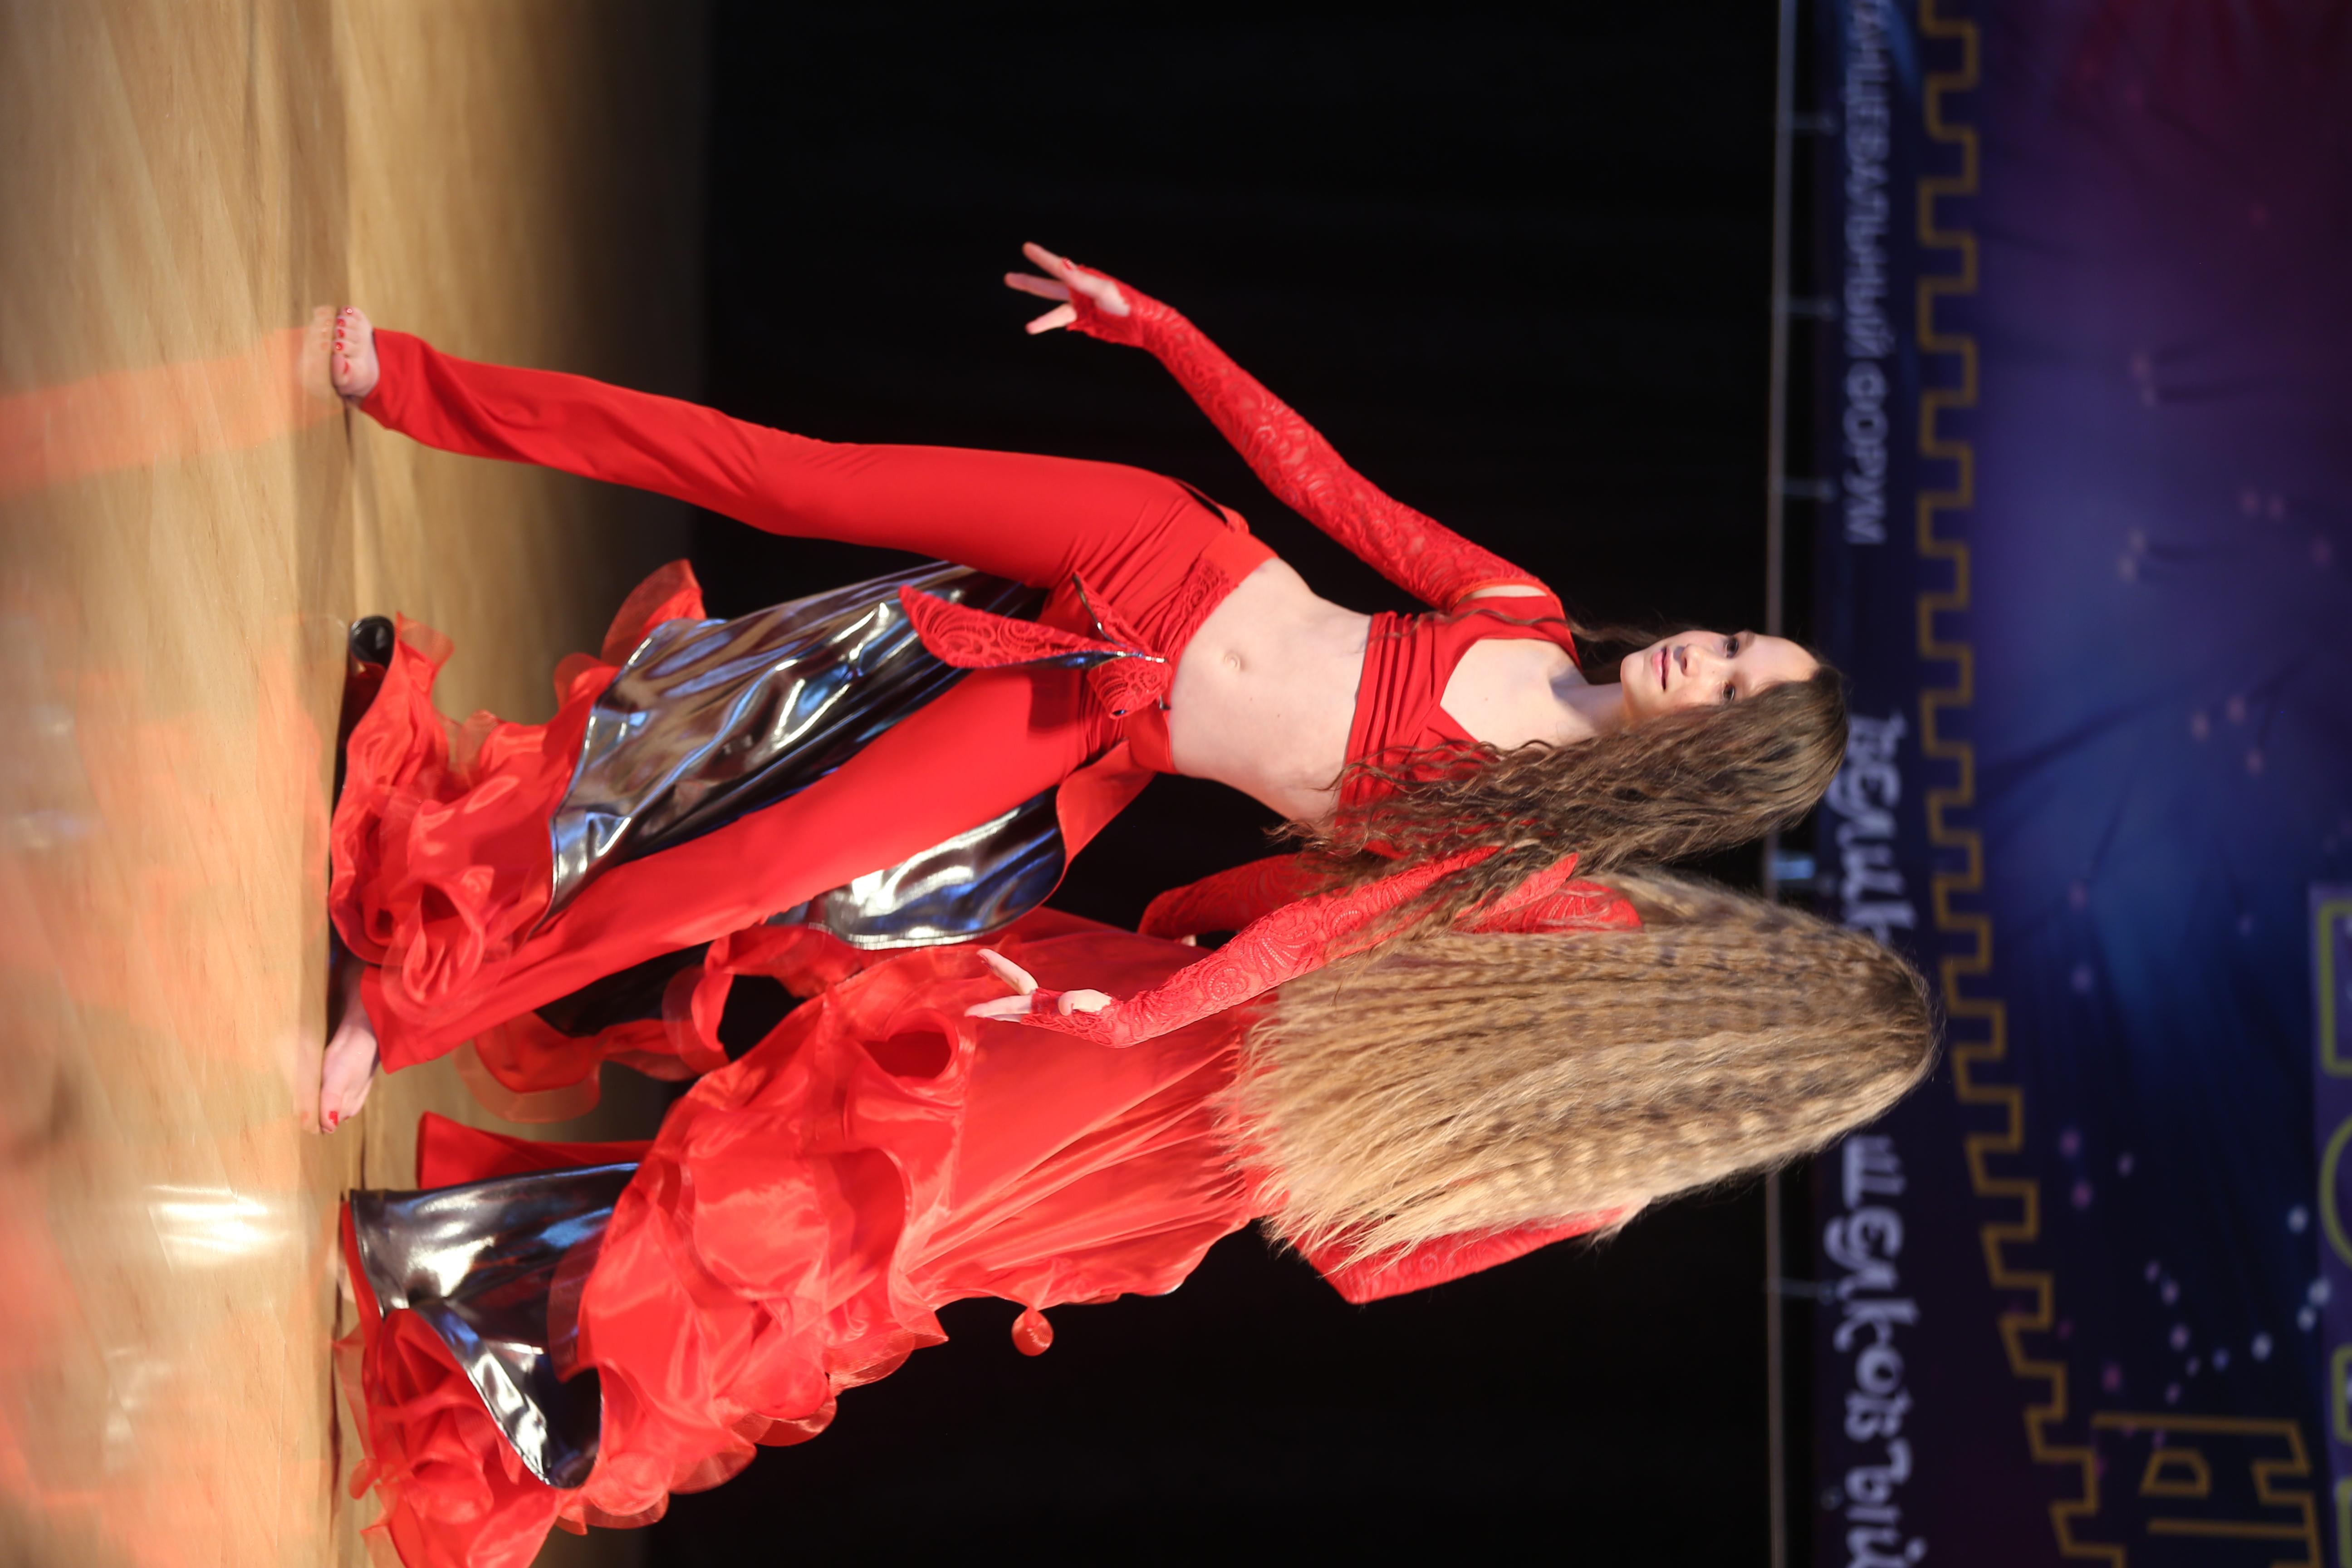 «Битт тамам» восточные танцы группа высокого уровня танцевания 10-17 лет (соло, ансамбль)